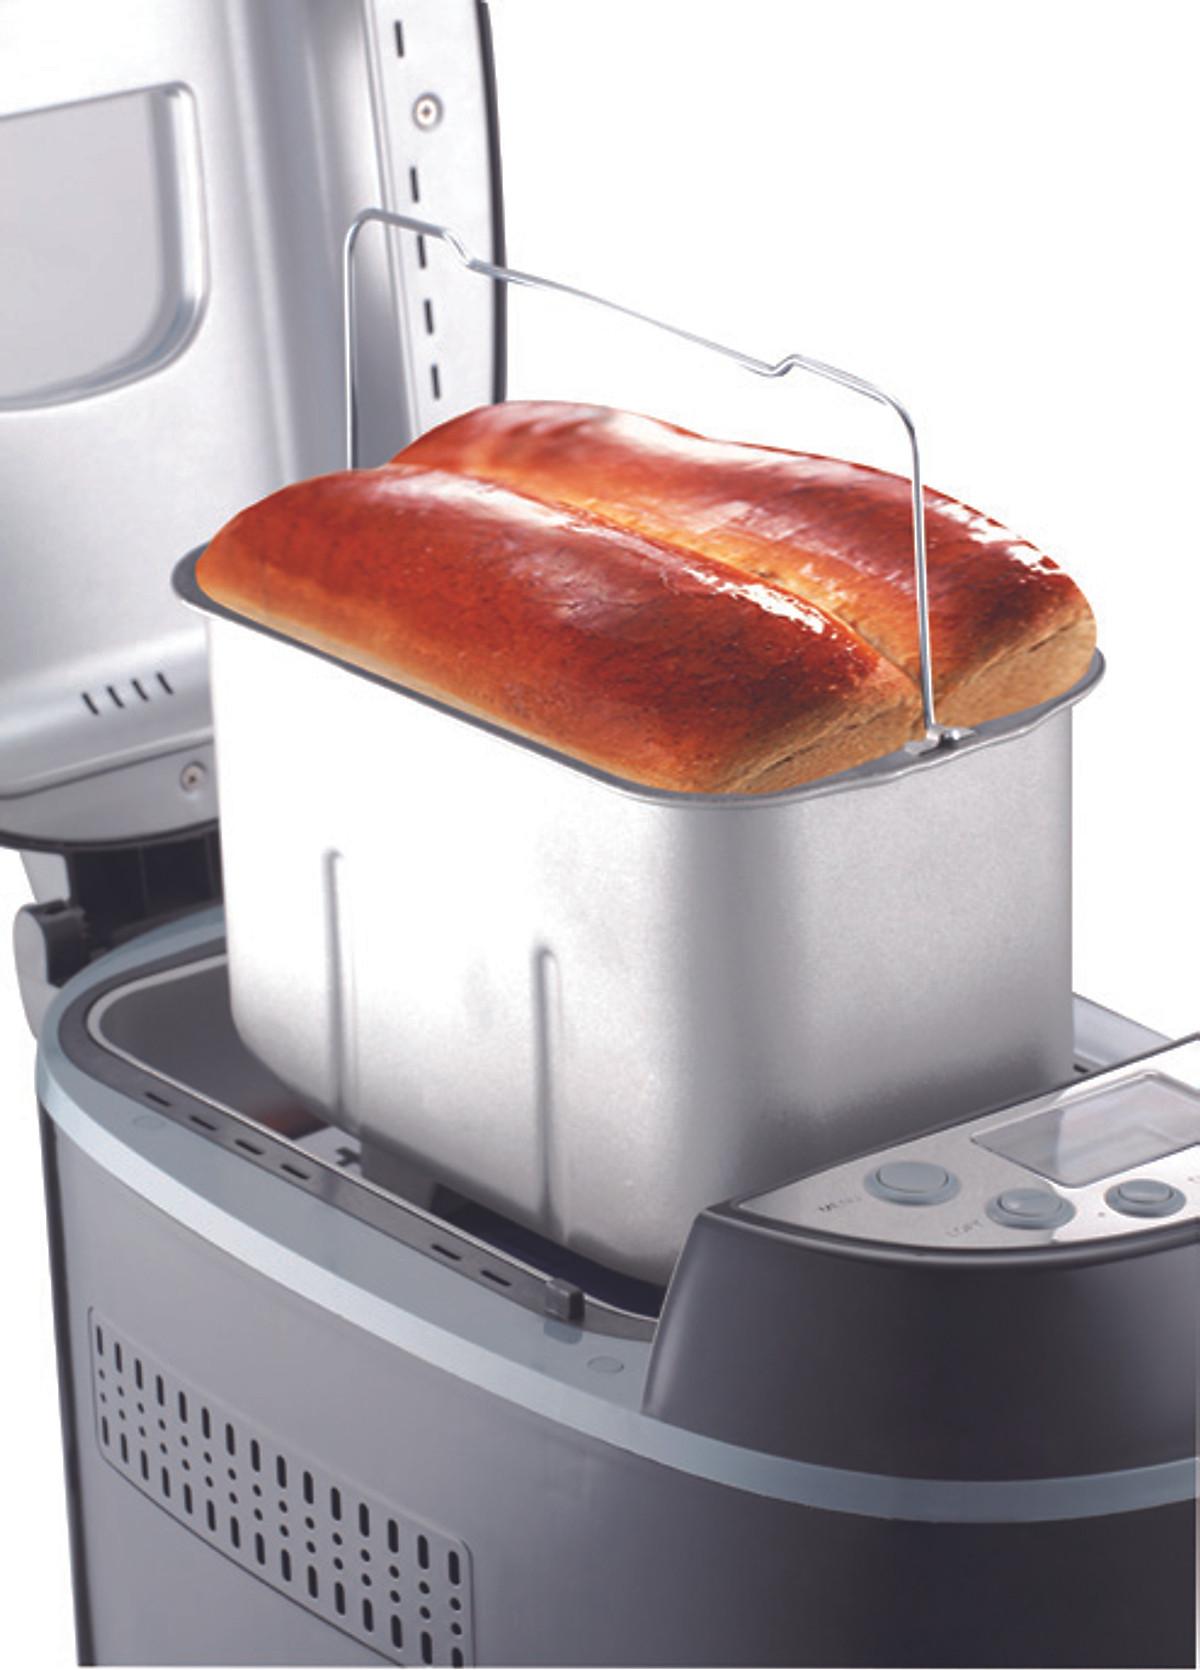 Nướng bánh mì thơm ngon, nhanh chóng